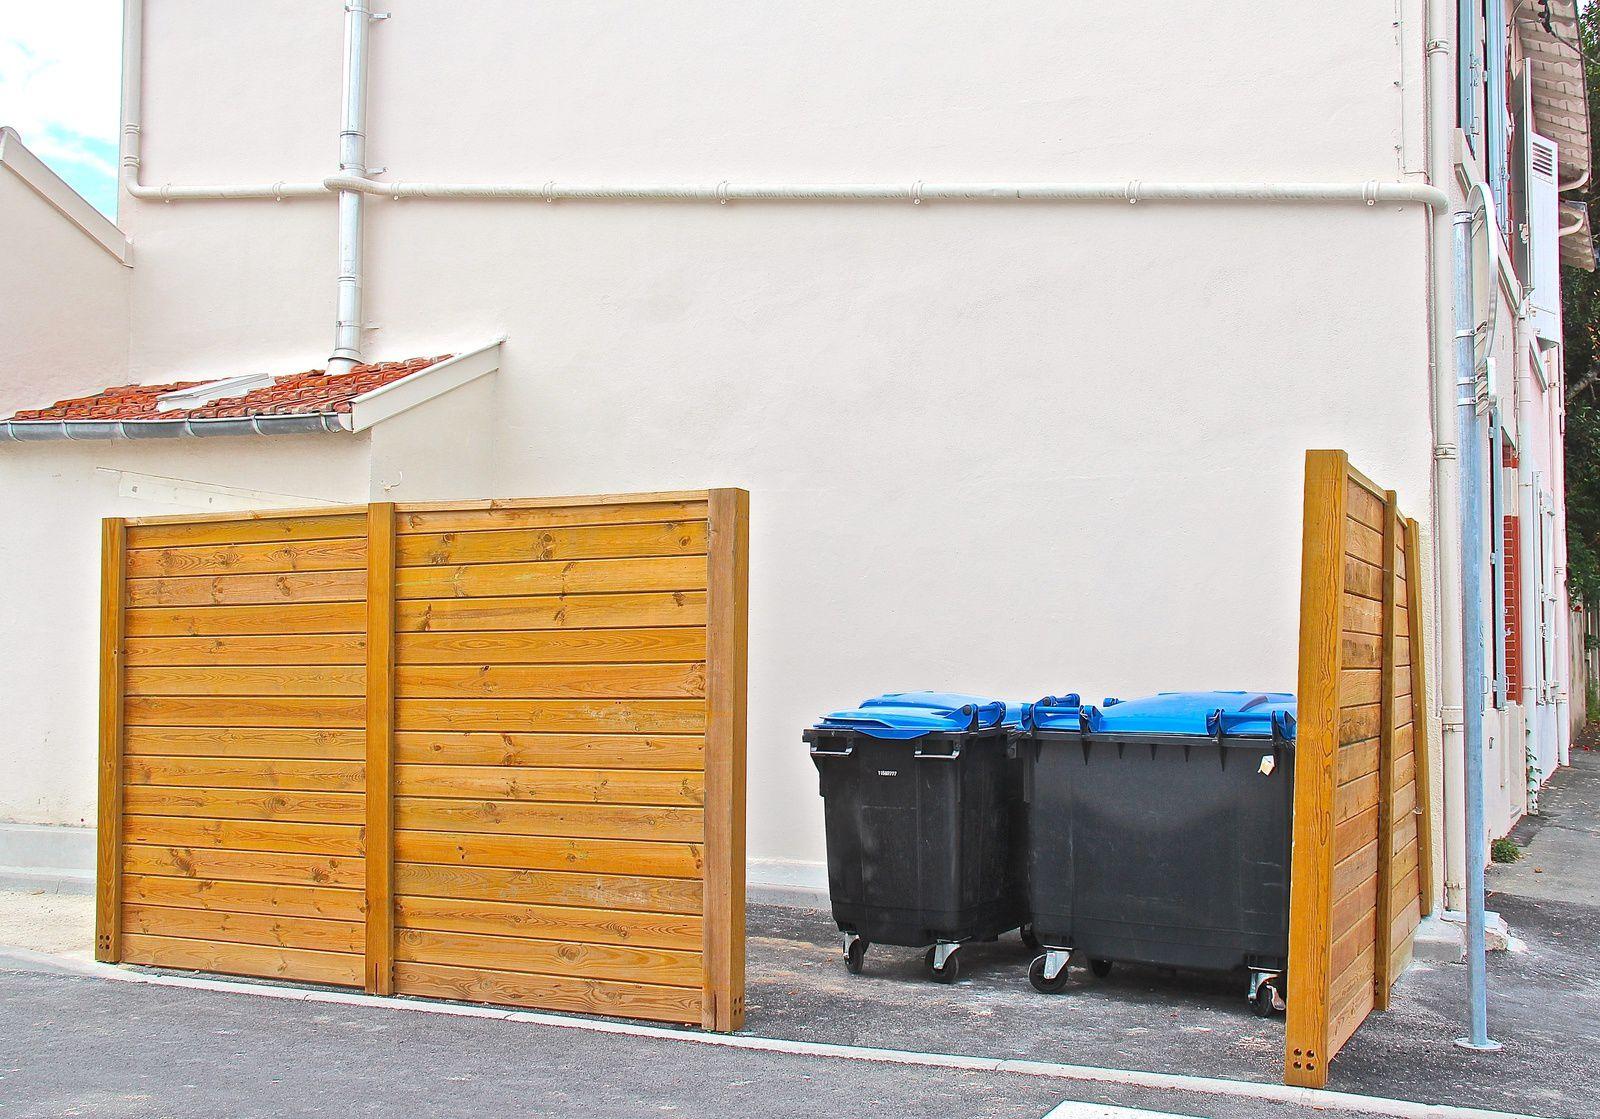 Actuellement sans porte, le dépôt d'enlèvement des déchets laisse apercevoir les bacs à déchets.